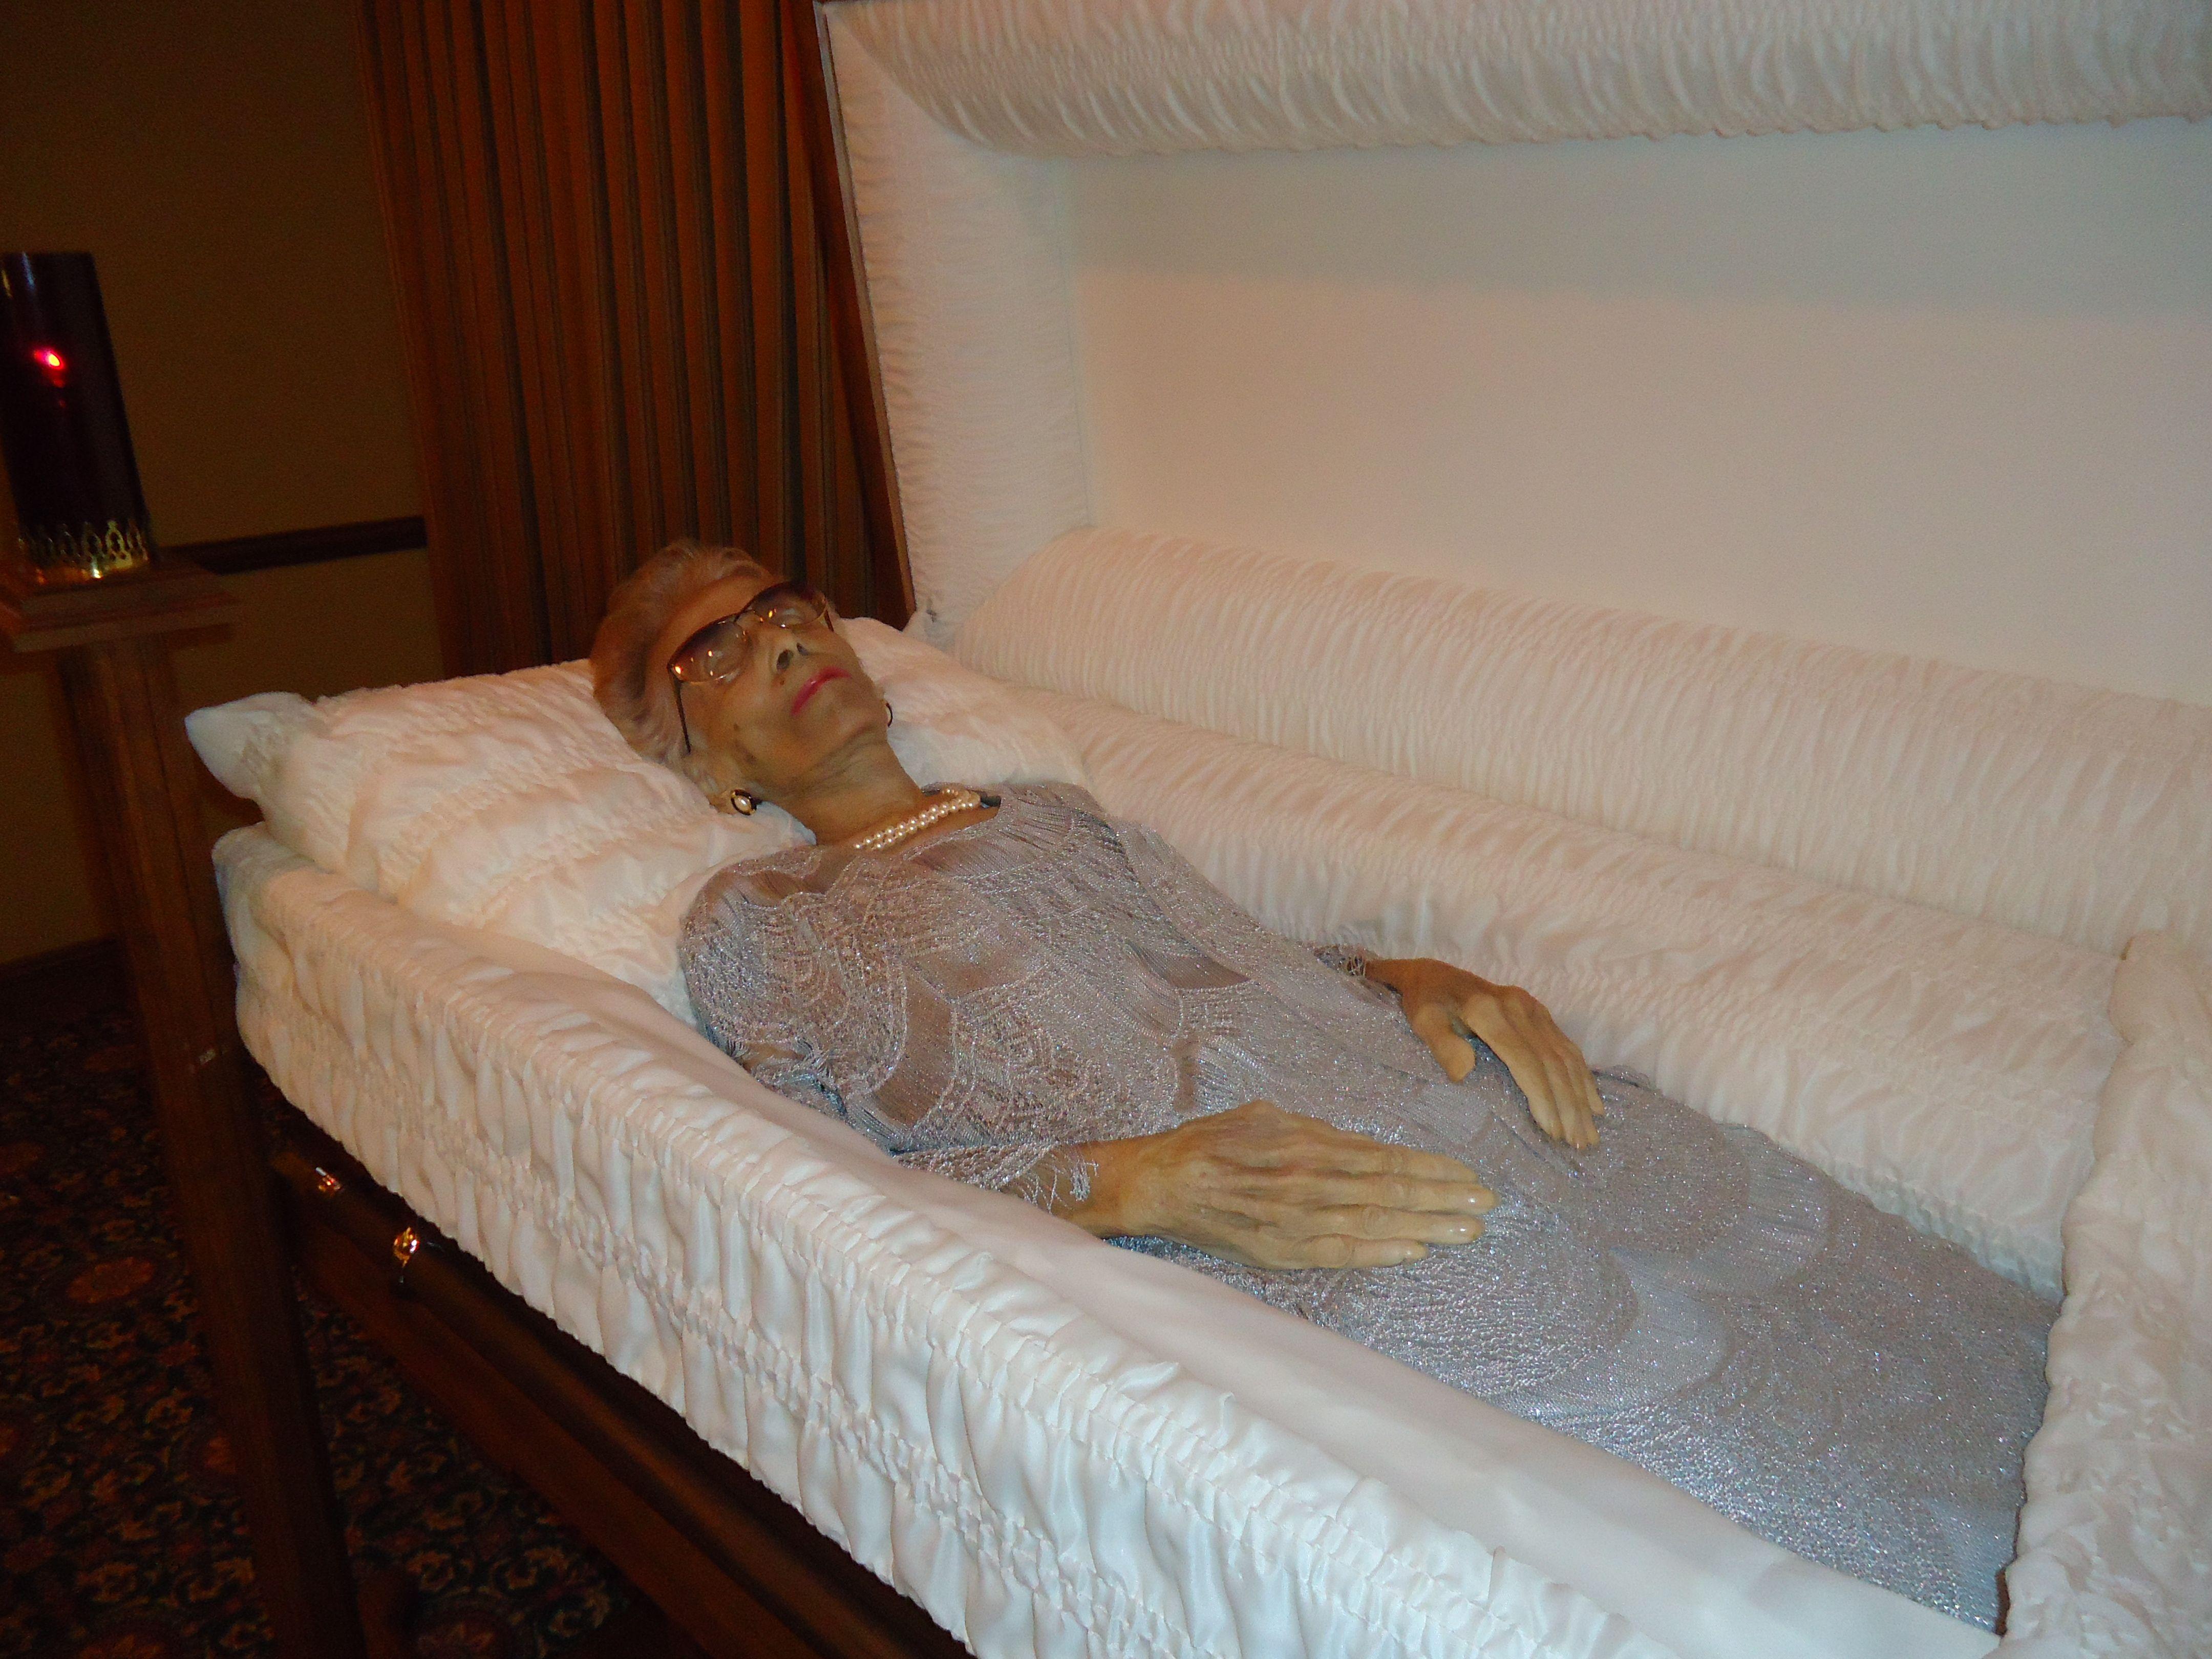 dead bodies in coffins wwwpixsharkcom images